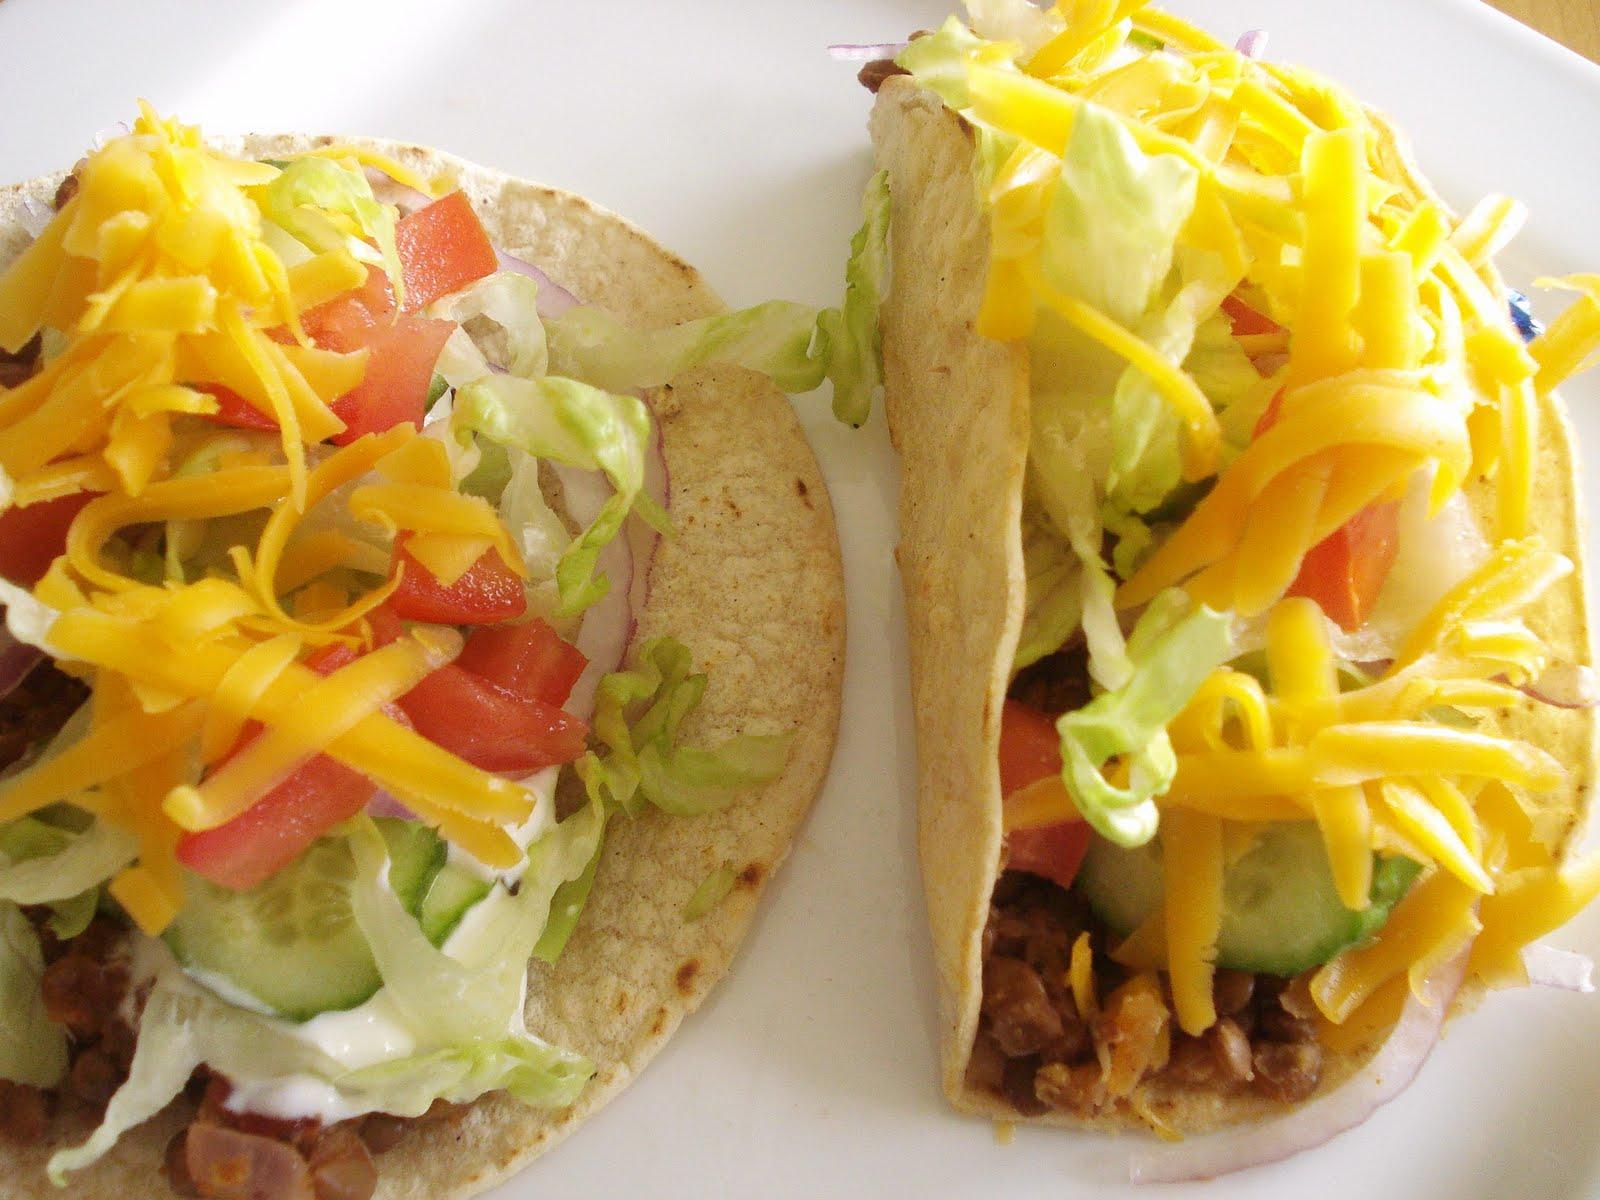 Presque v g tacos de lentilles - Sauce fromagere tacos recette ...